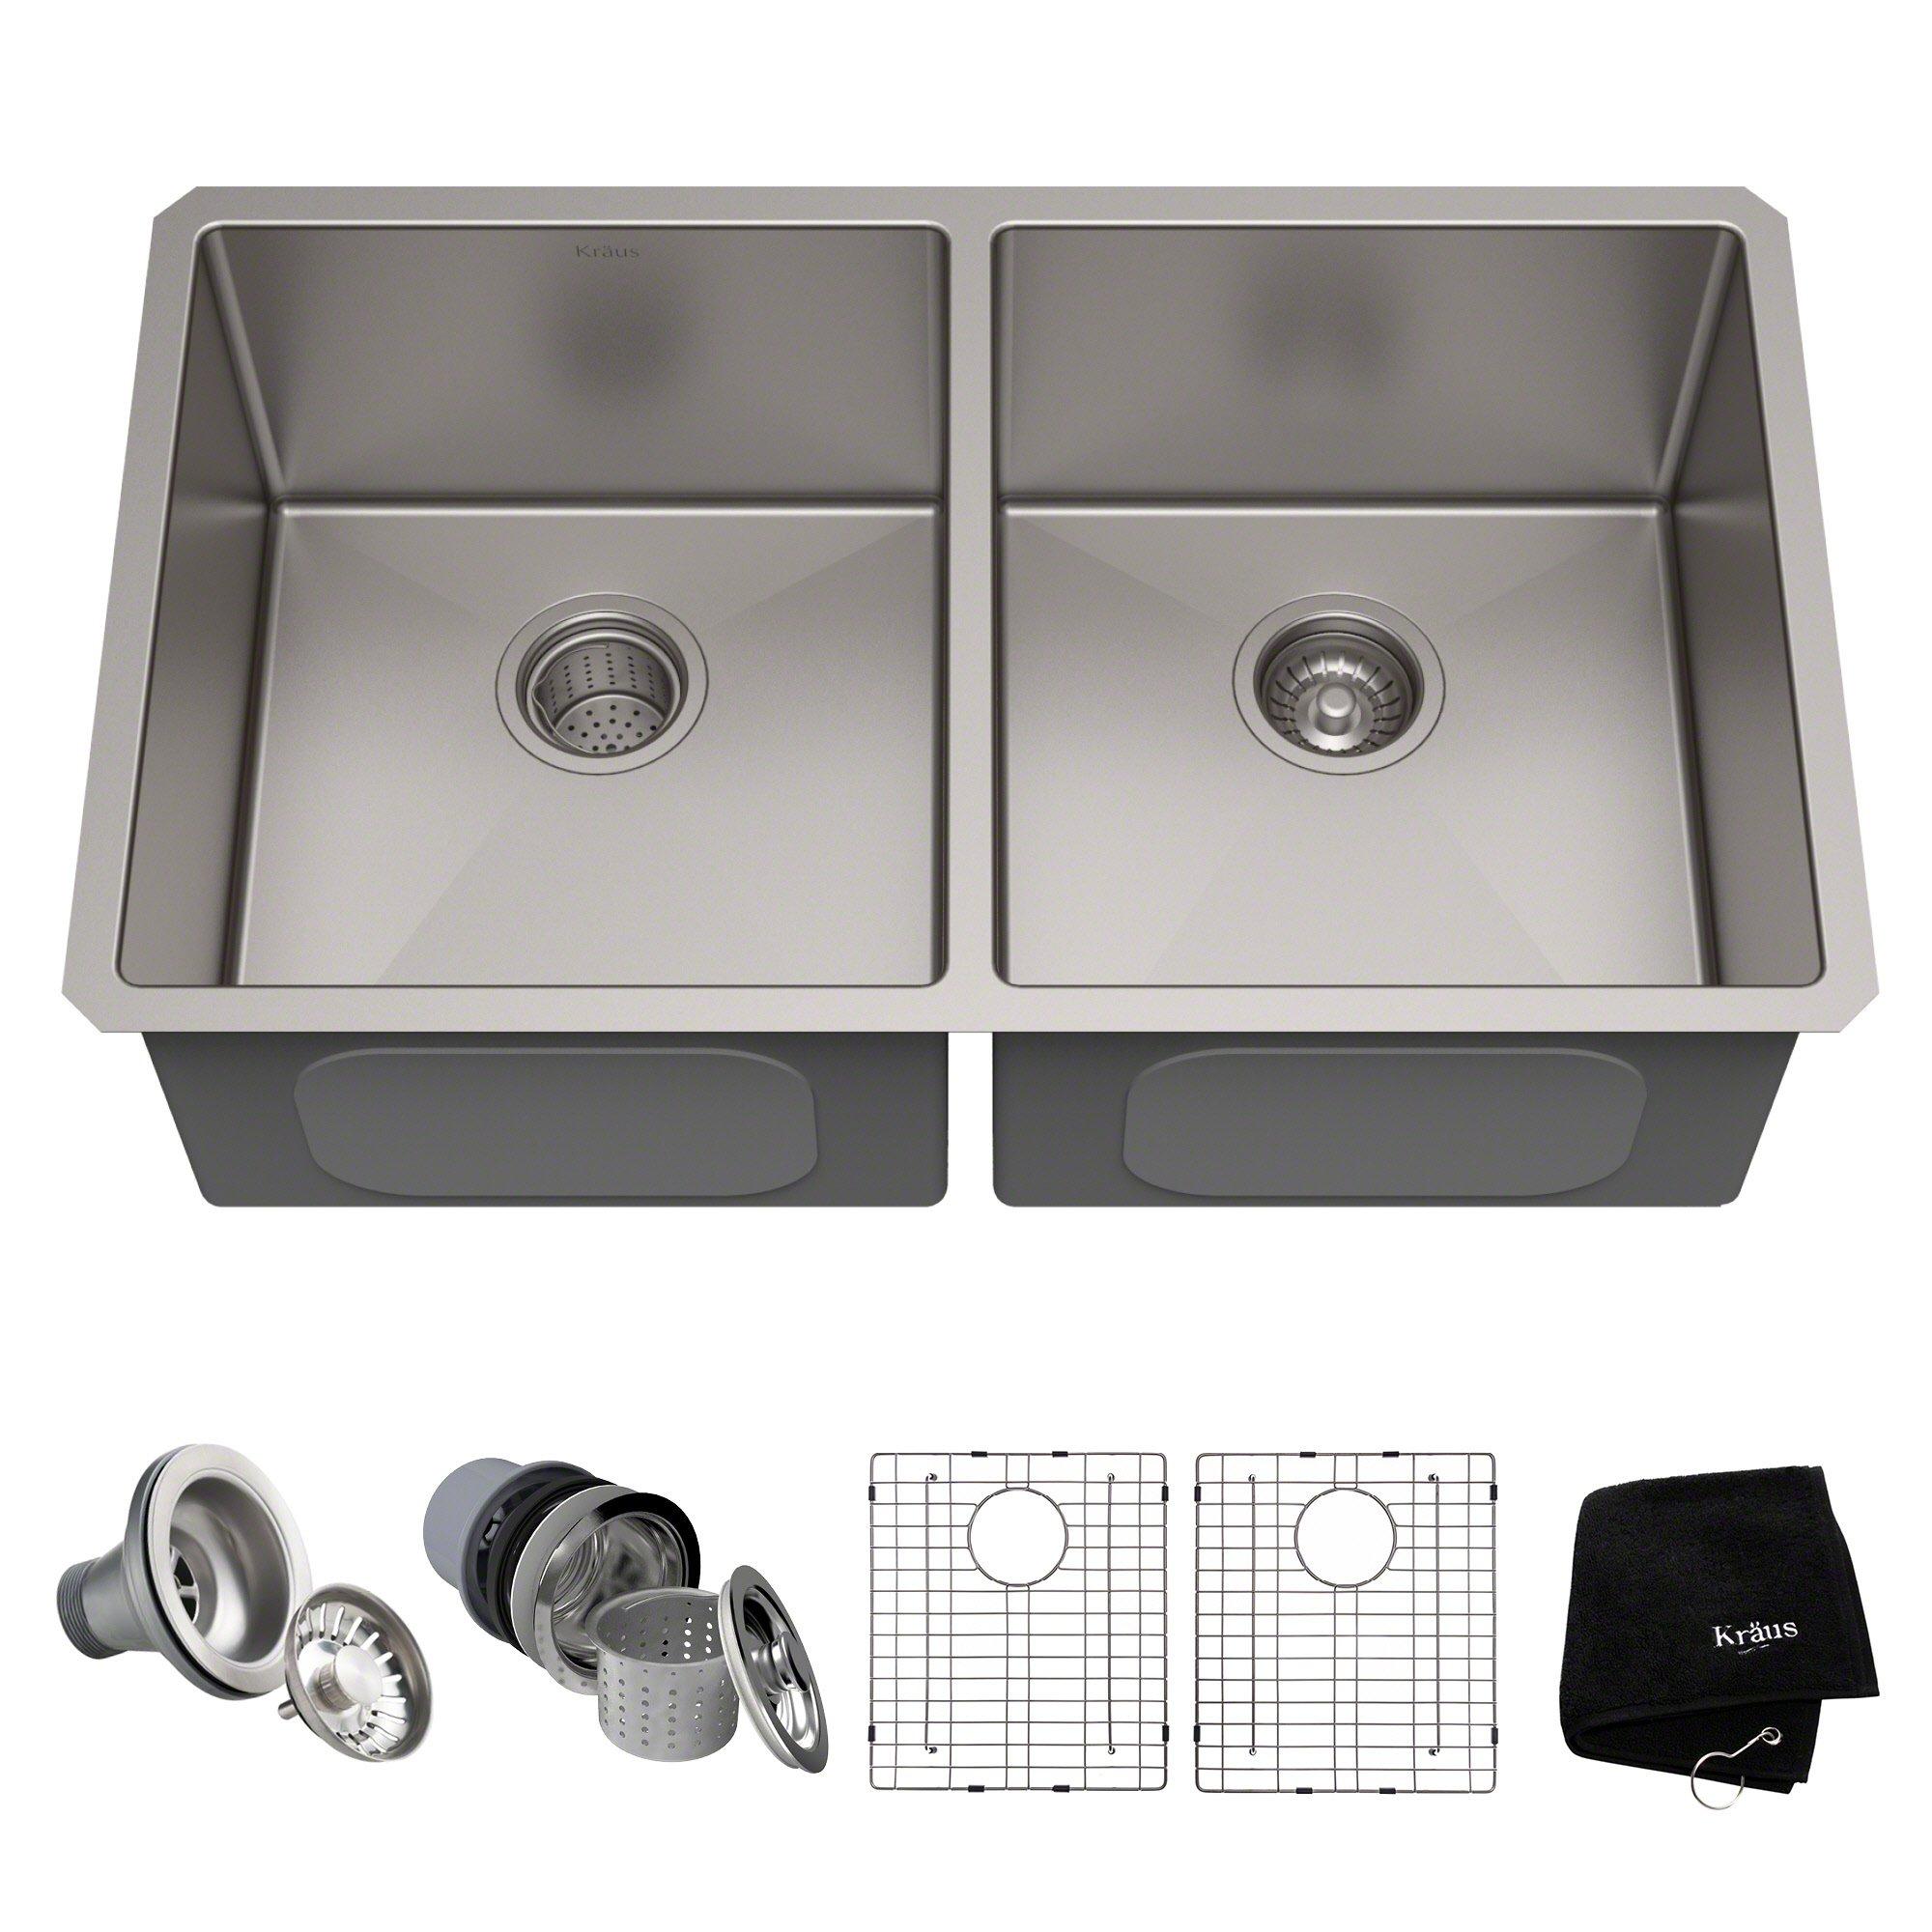 Kraus Standart PRO 33-inch 16 Gauge Undermount 50/50 Double Bowl Stainless Steel Kitchen Sink, KHU102-33